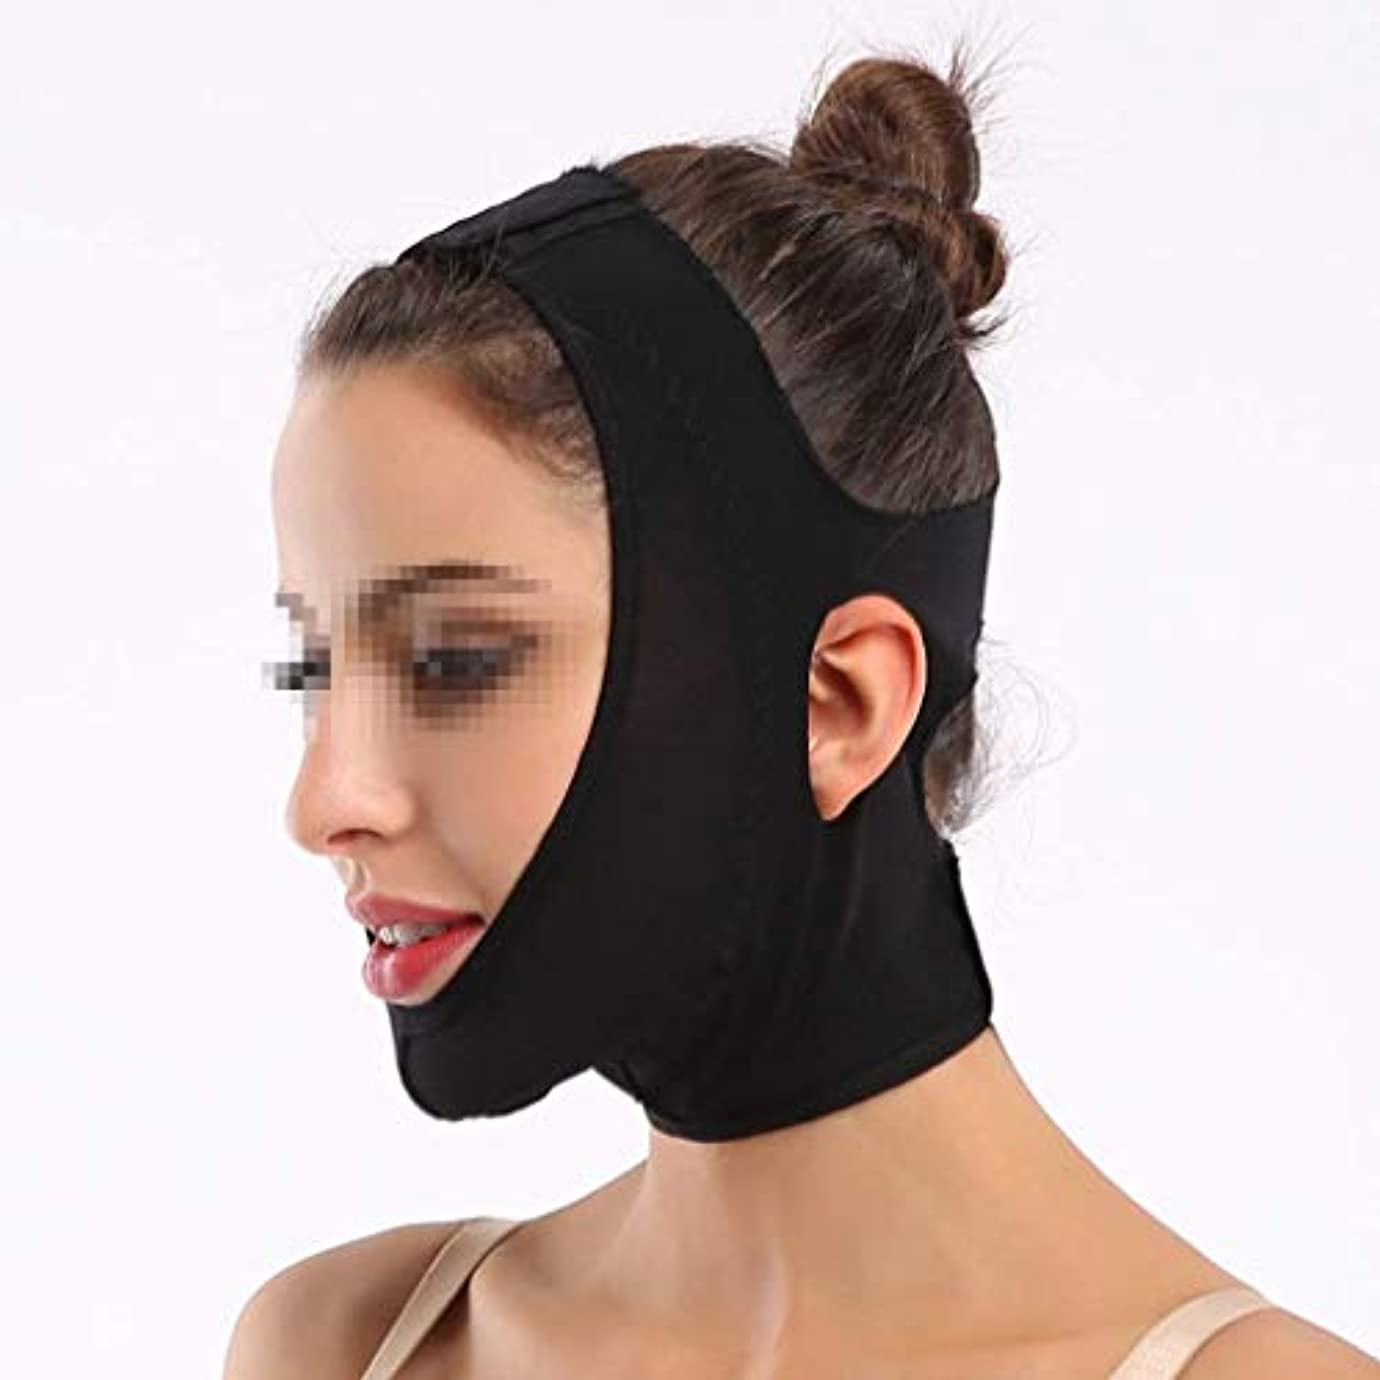 ペルソナ定期的なチップVフェイスマスク、包帯マスクを持ち上げて引き締めるスキニービューティーサロン1日2時間Vフェイスマッサージ術後回復